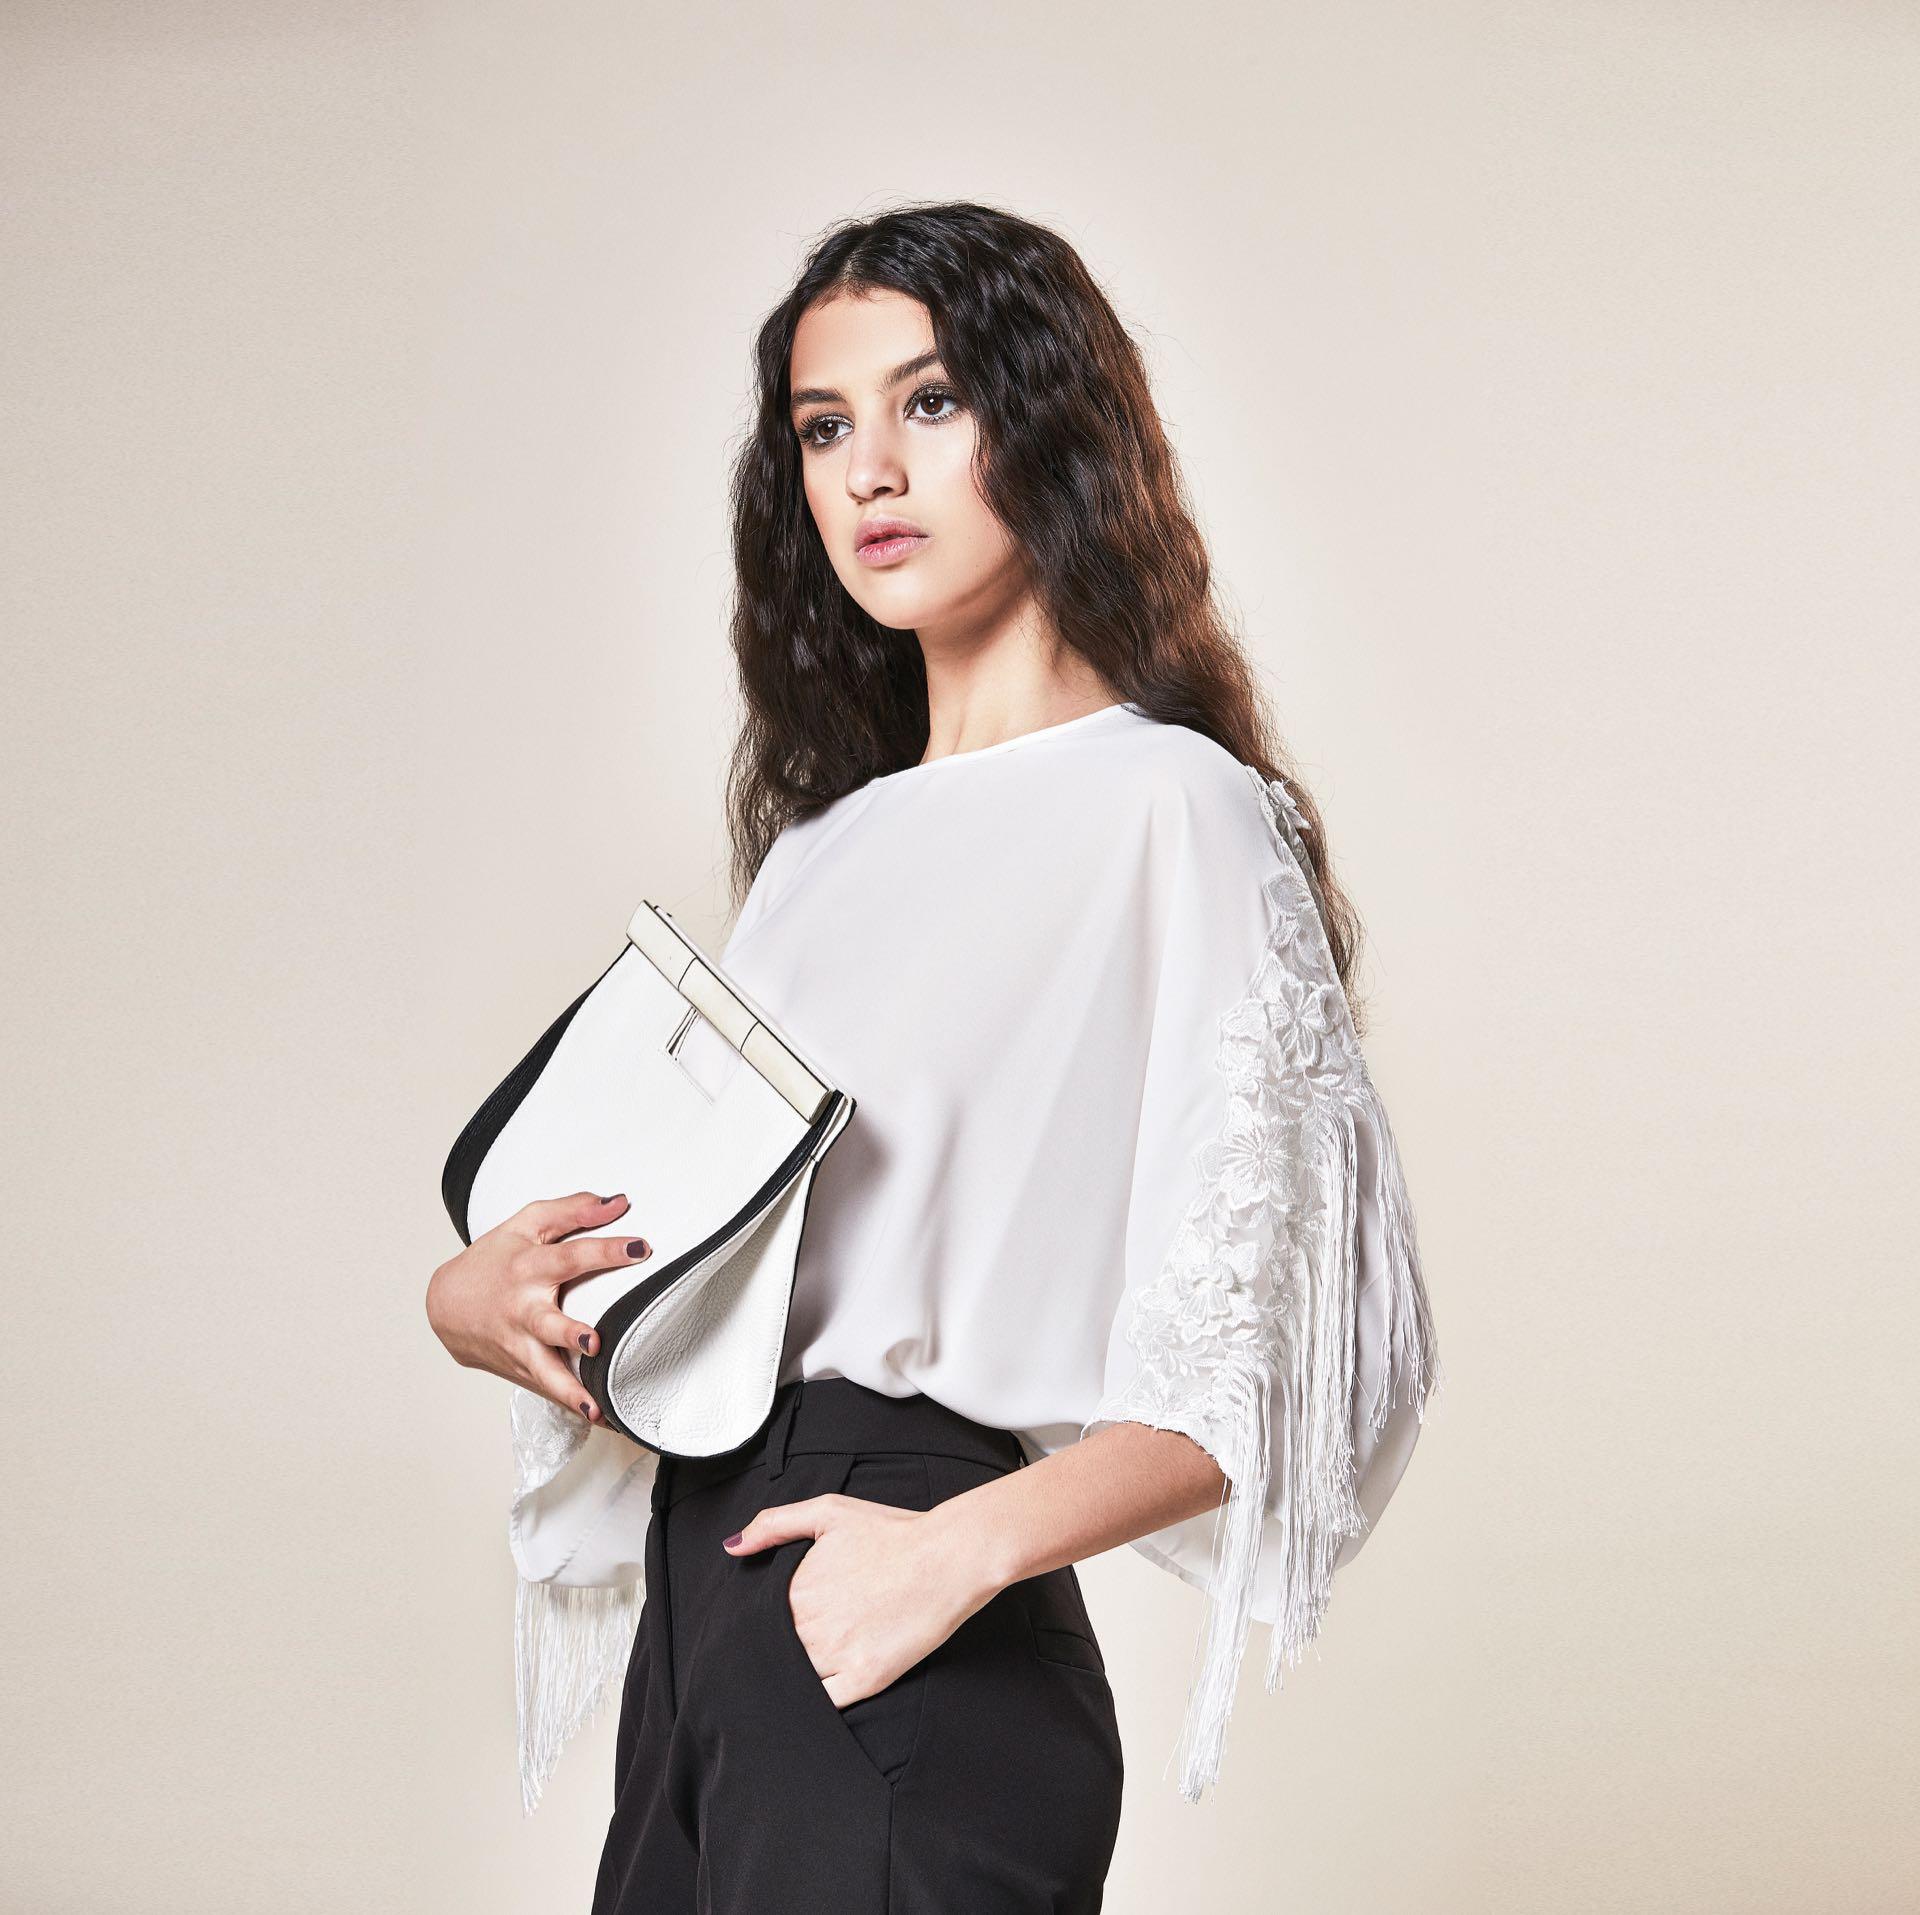 Blusa de gasa con encaje y flecos ($ 6.000, Rafael Garófalo), pantalón sastre ($ 2.400, Ossira) y clutch de cuero y nácar (Casta by Analía).